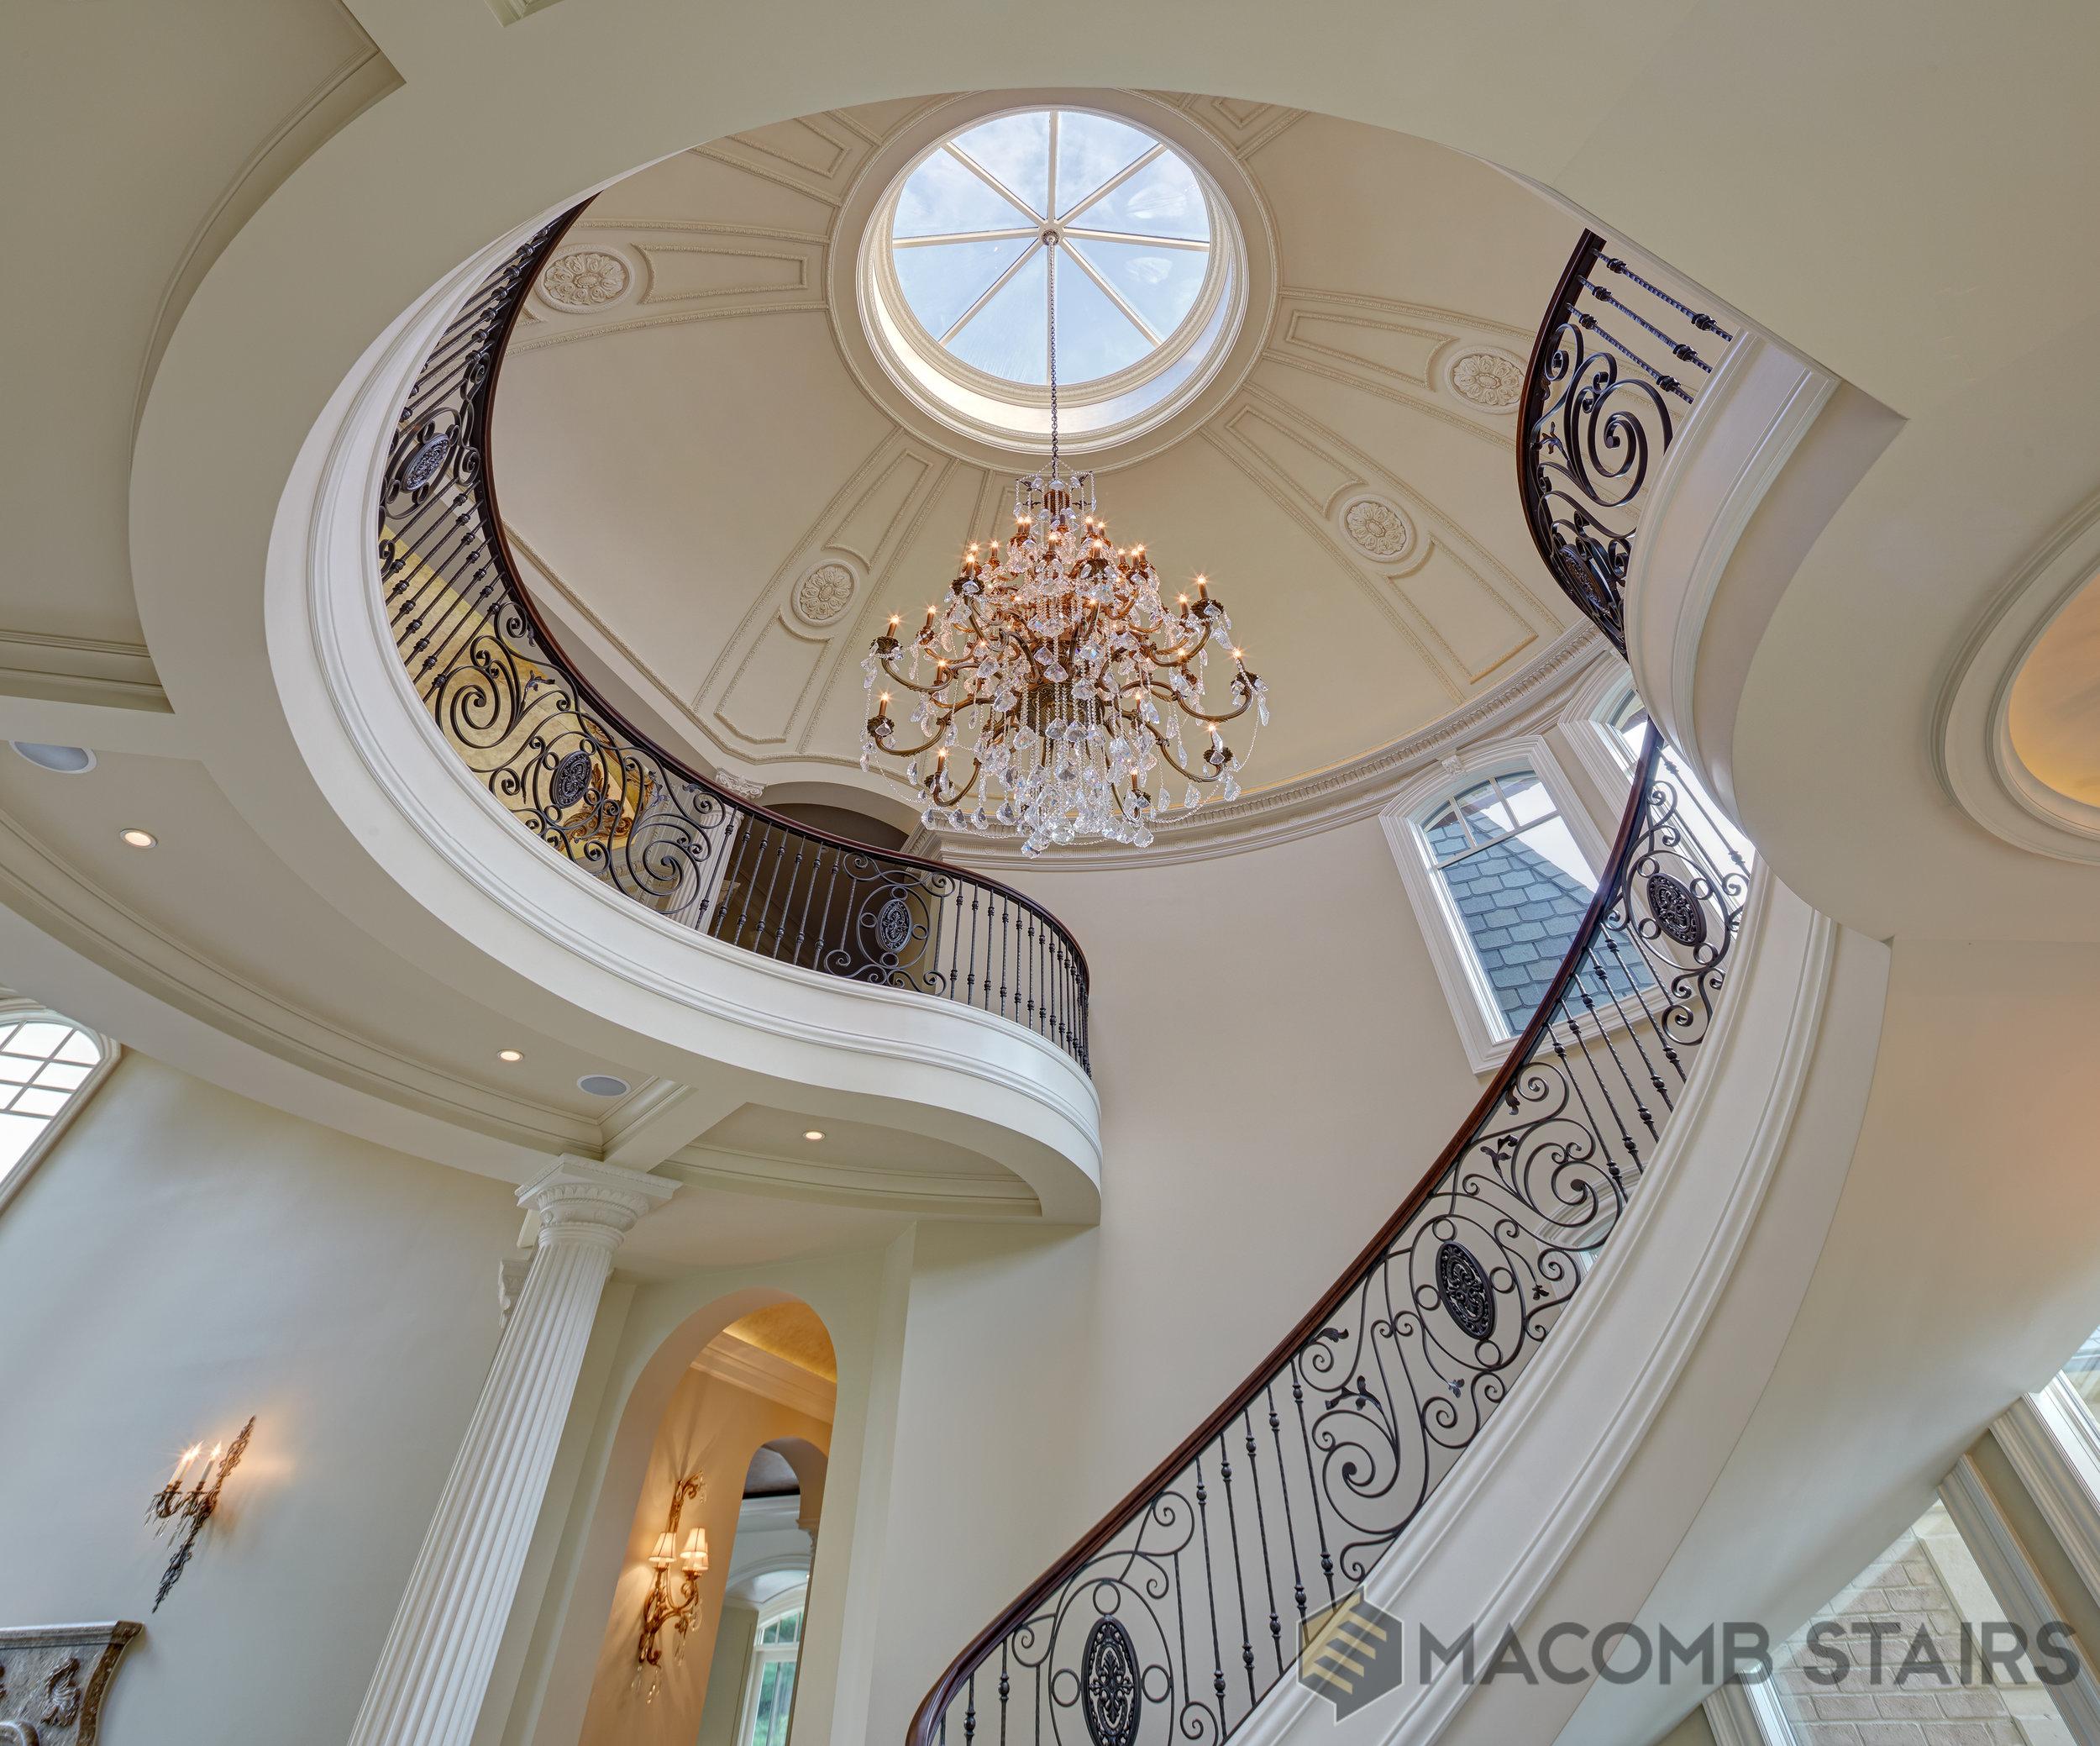 Macomb Stairs- Stair Photo-104.jpg